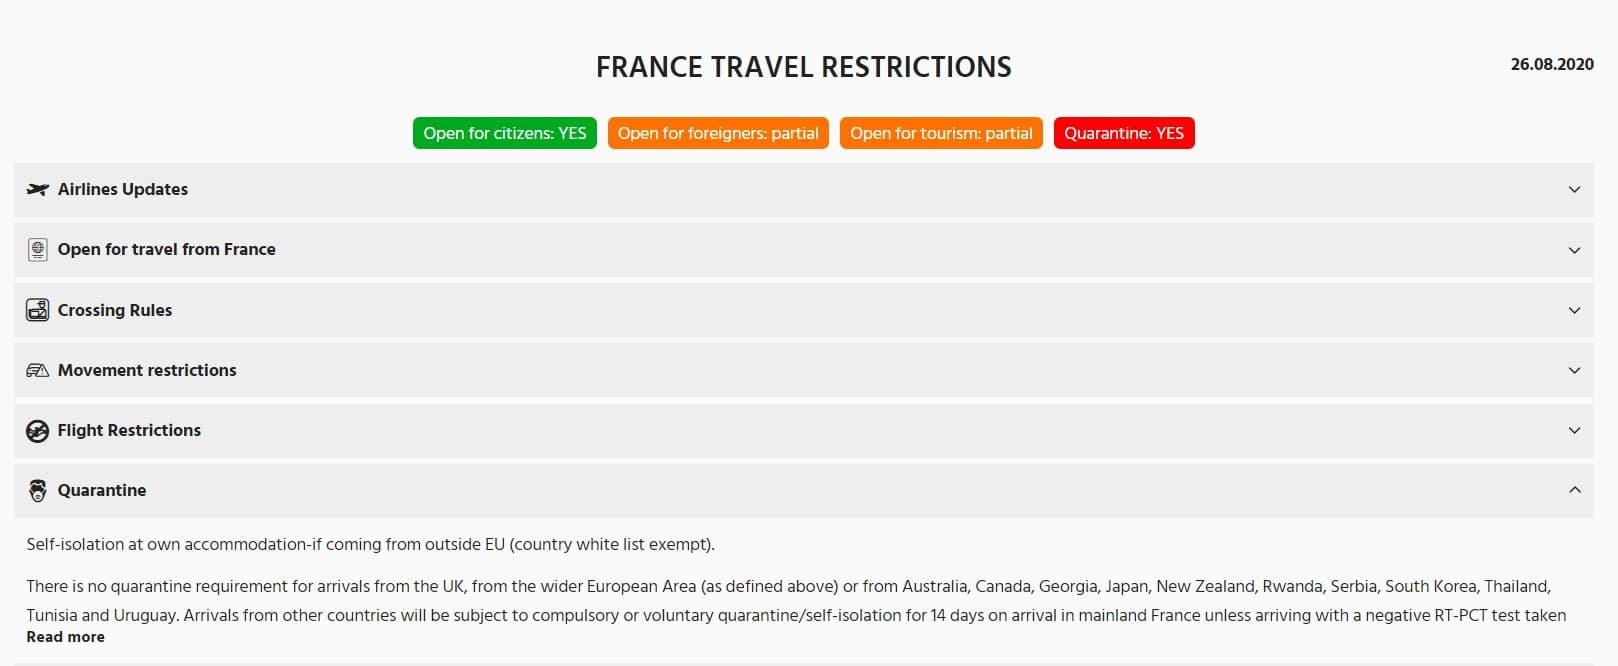 Fransa karantina uyguluyor mu?